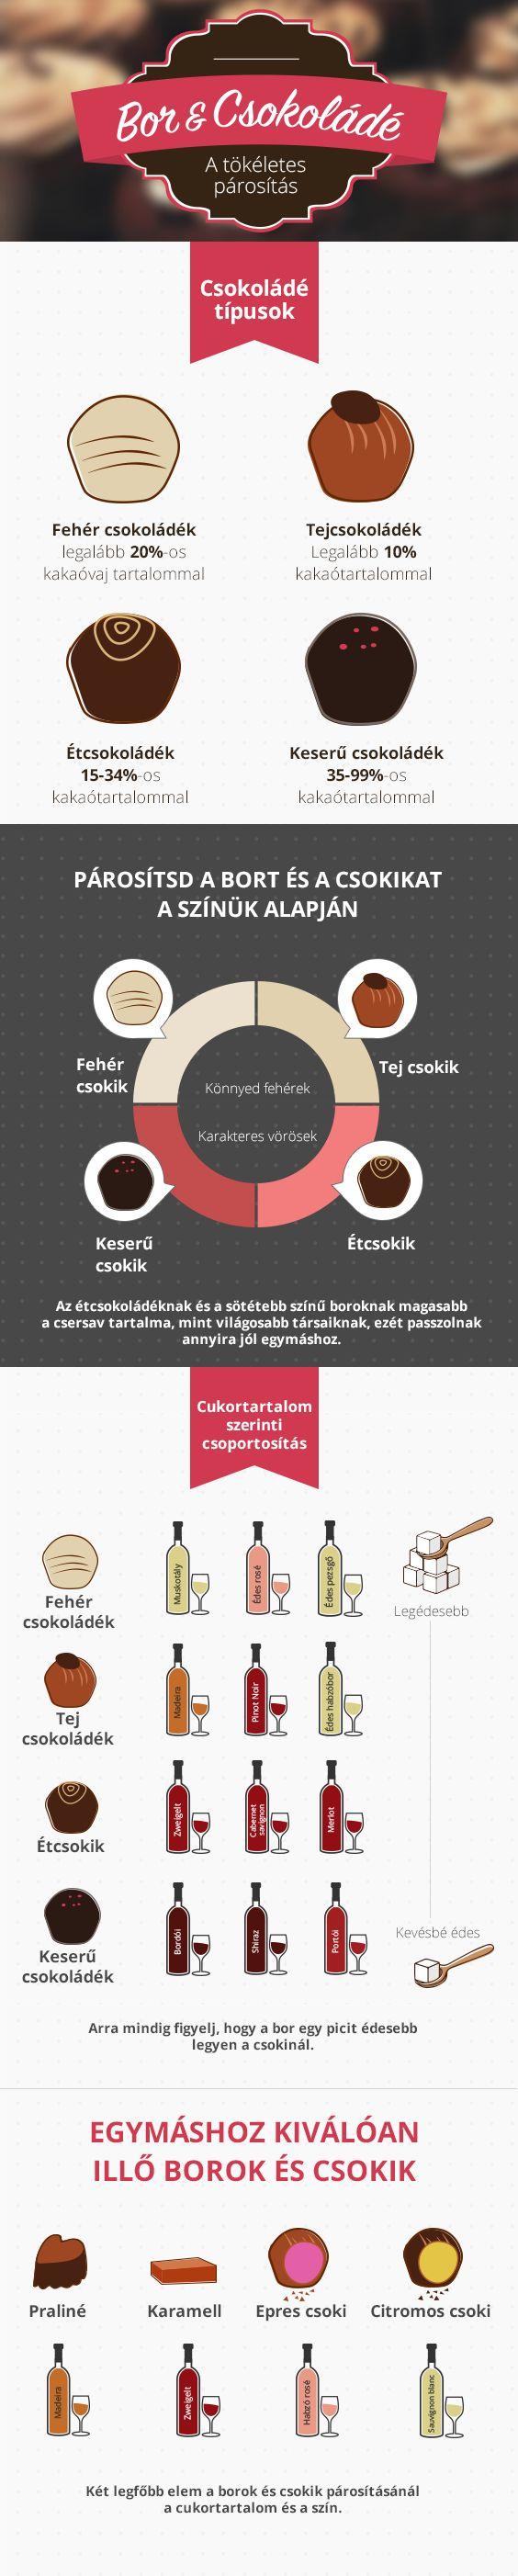 A bor a csokitól, vagy a csoki a bortól lesz még finomabb? Döntsd el Te! :) #bor #desszert #finom #valentin #tesco #tescomagyarorszag